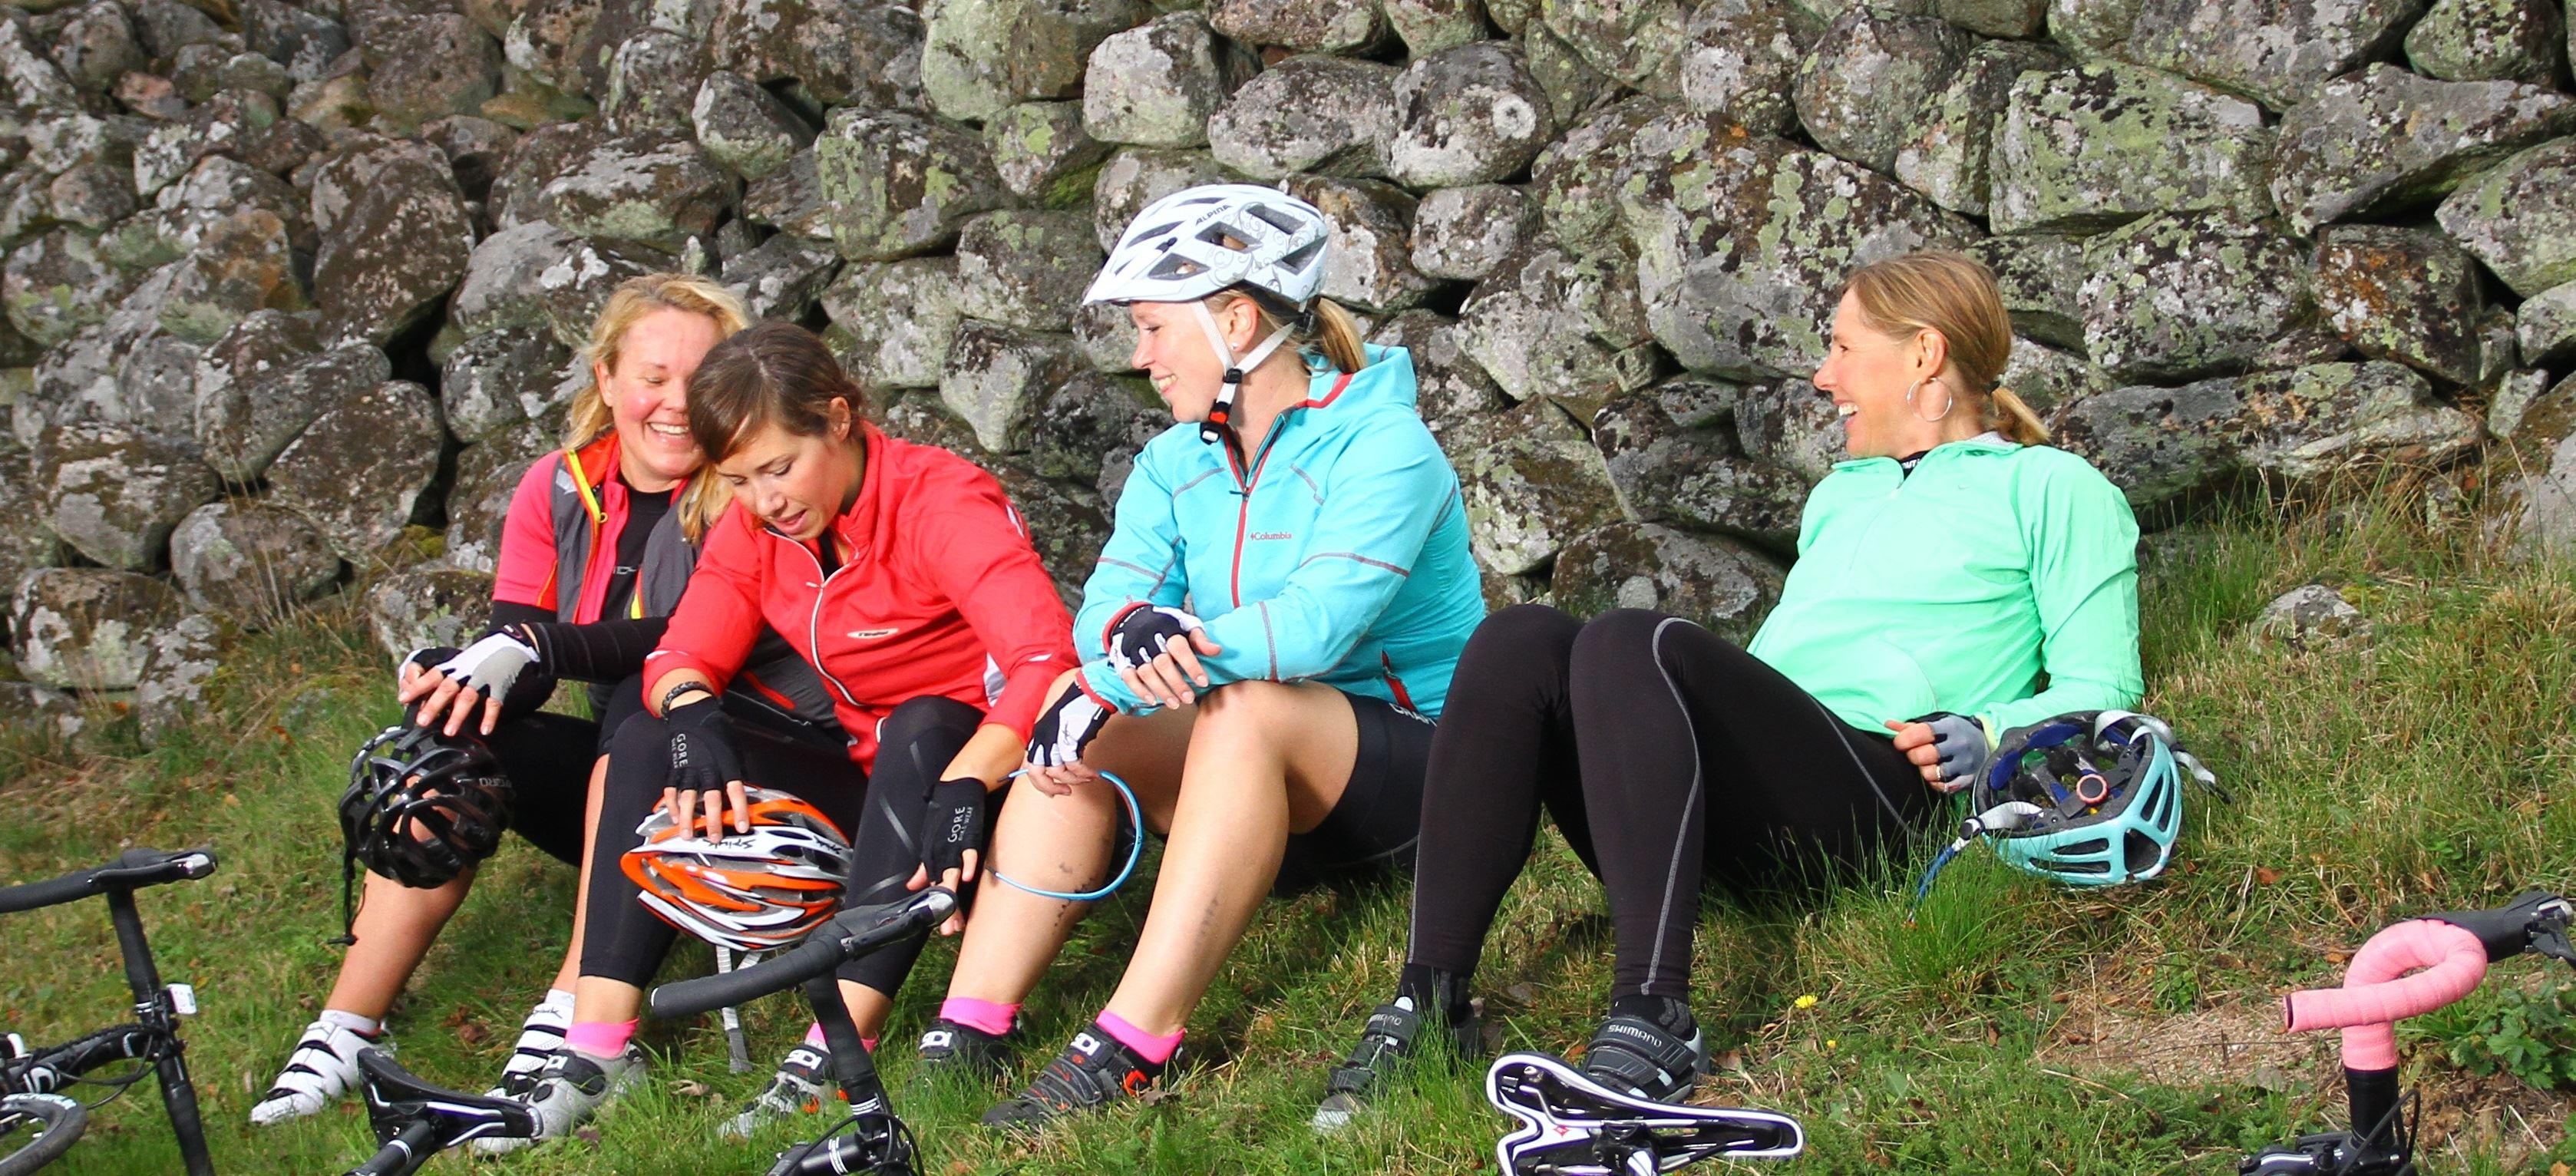 Daniel Evaldsson, Cykling: Helgasjön runt, 57 km